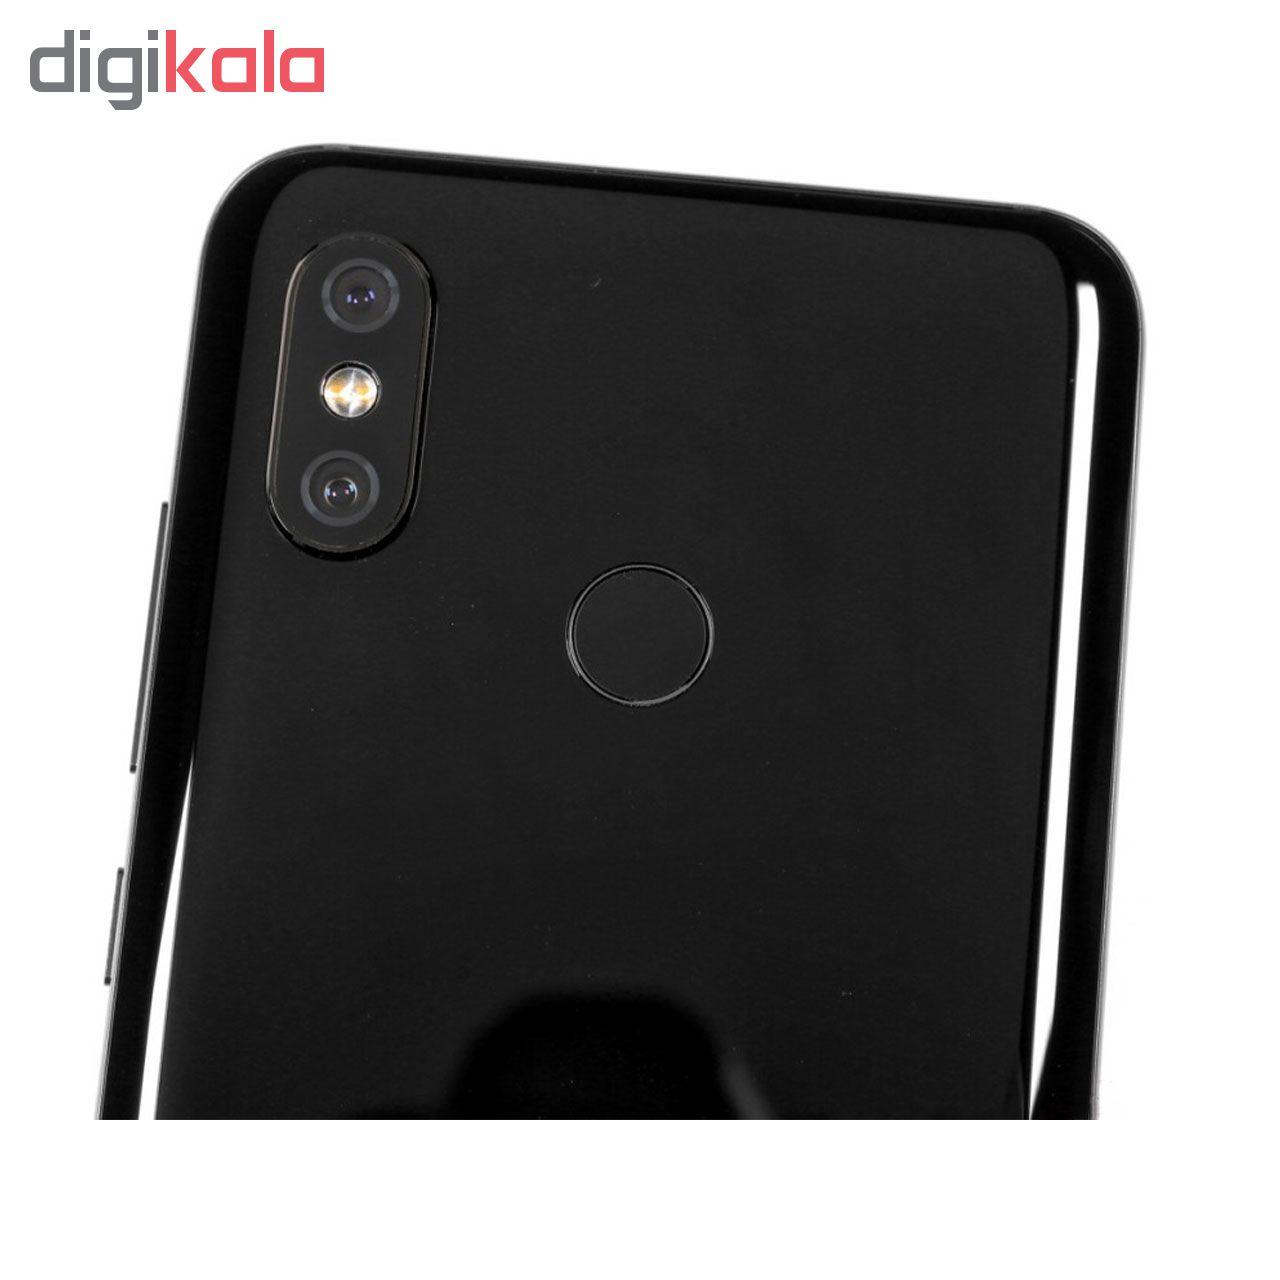 گوشی موبایل شیائومی mi 8 M1803E1A مدل  دو سیم کارت ظرفیت 64 گیگابایت